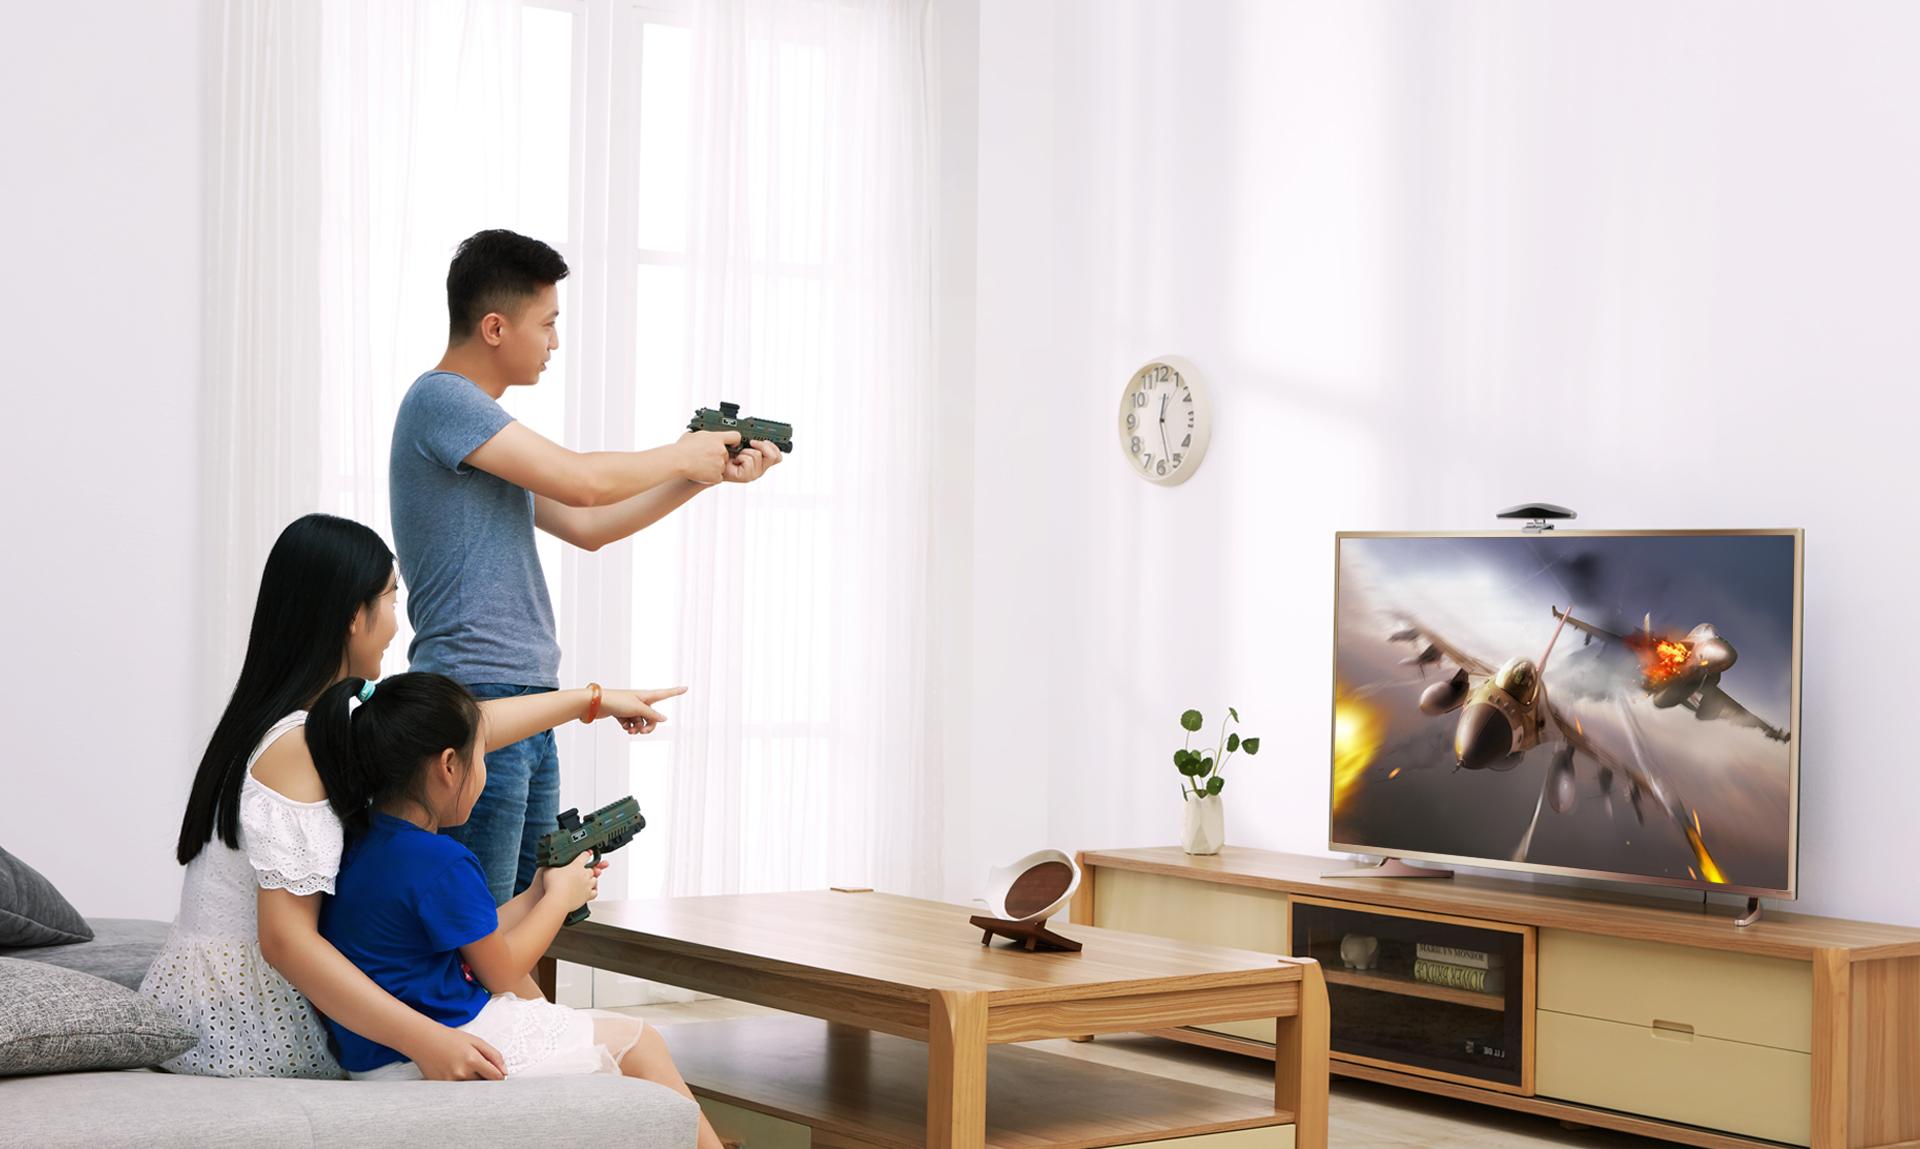 庭亲子新时代-酷开65U2游戏电视概述